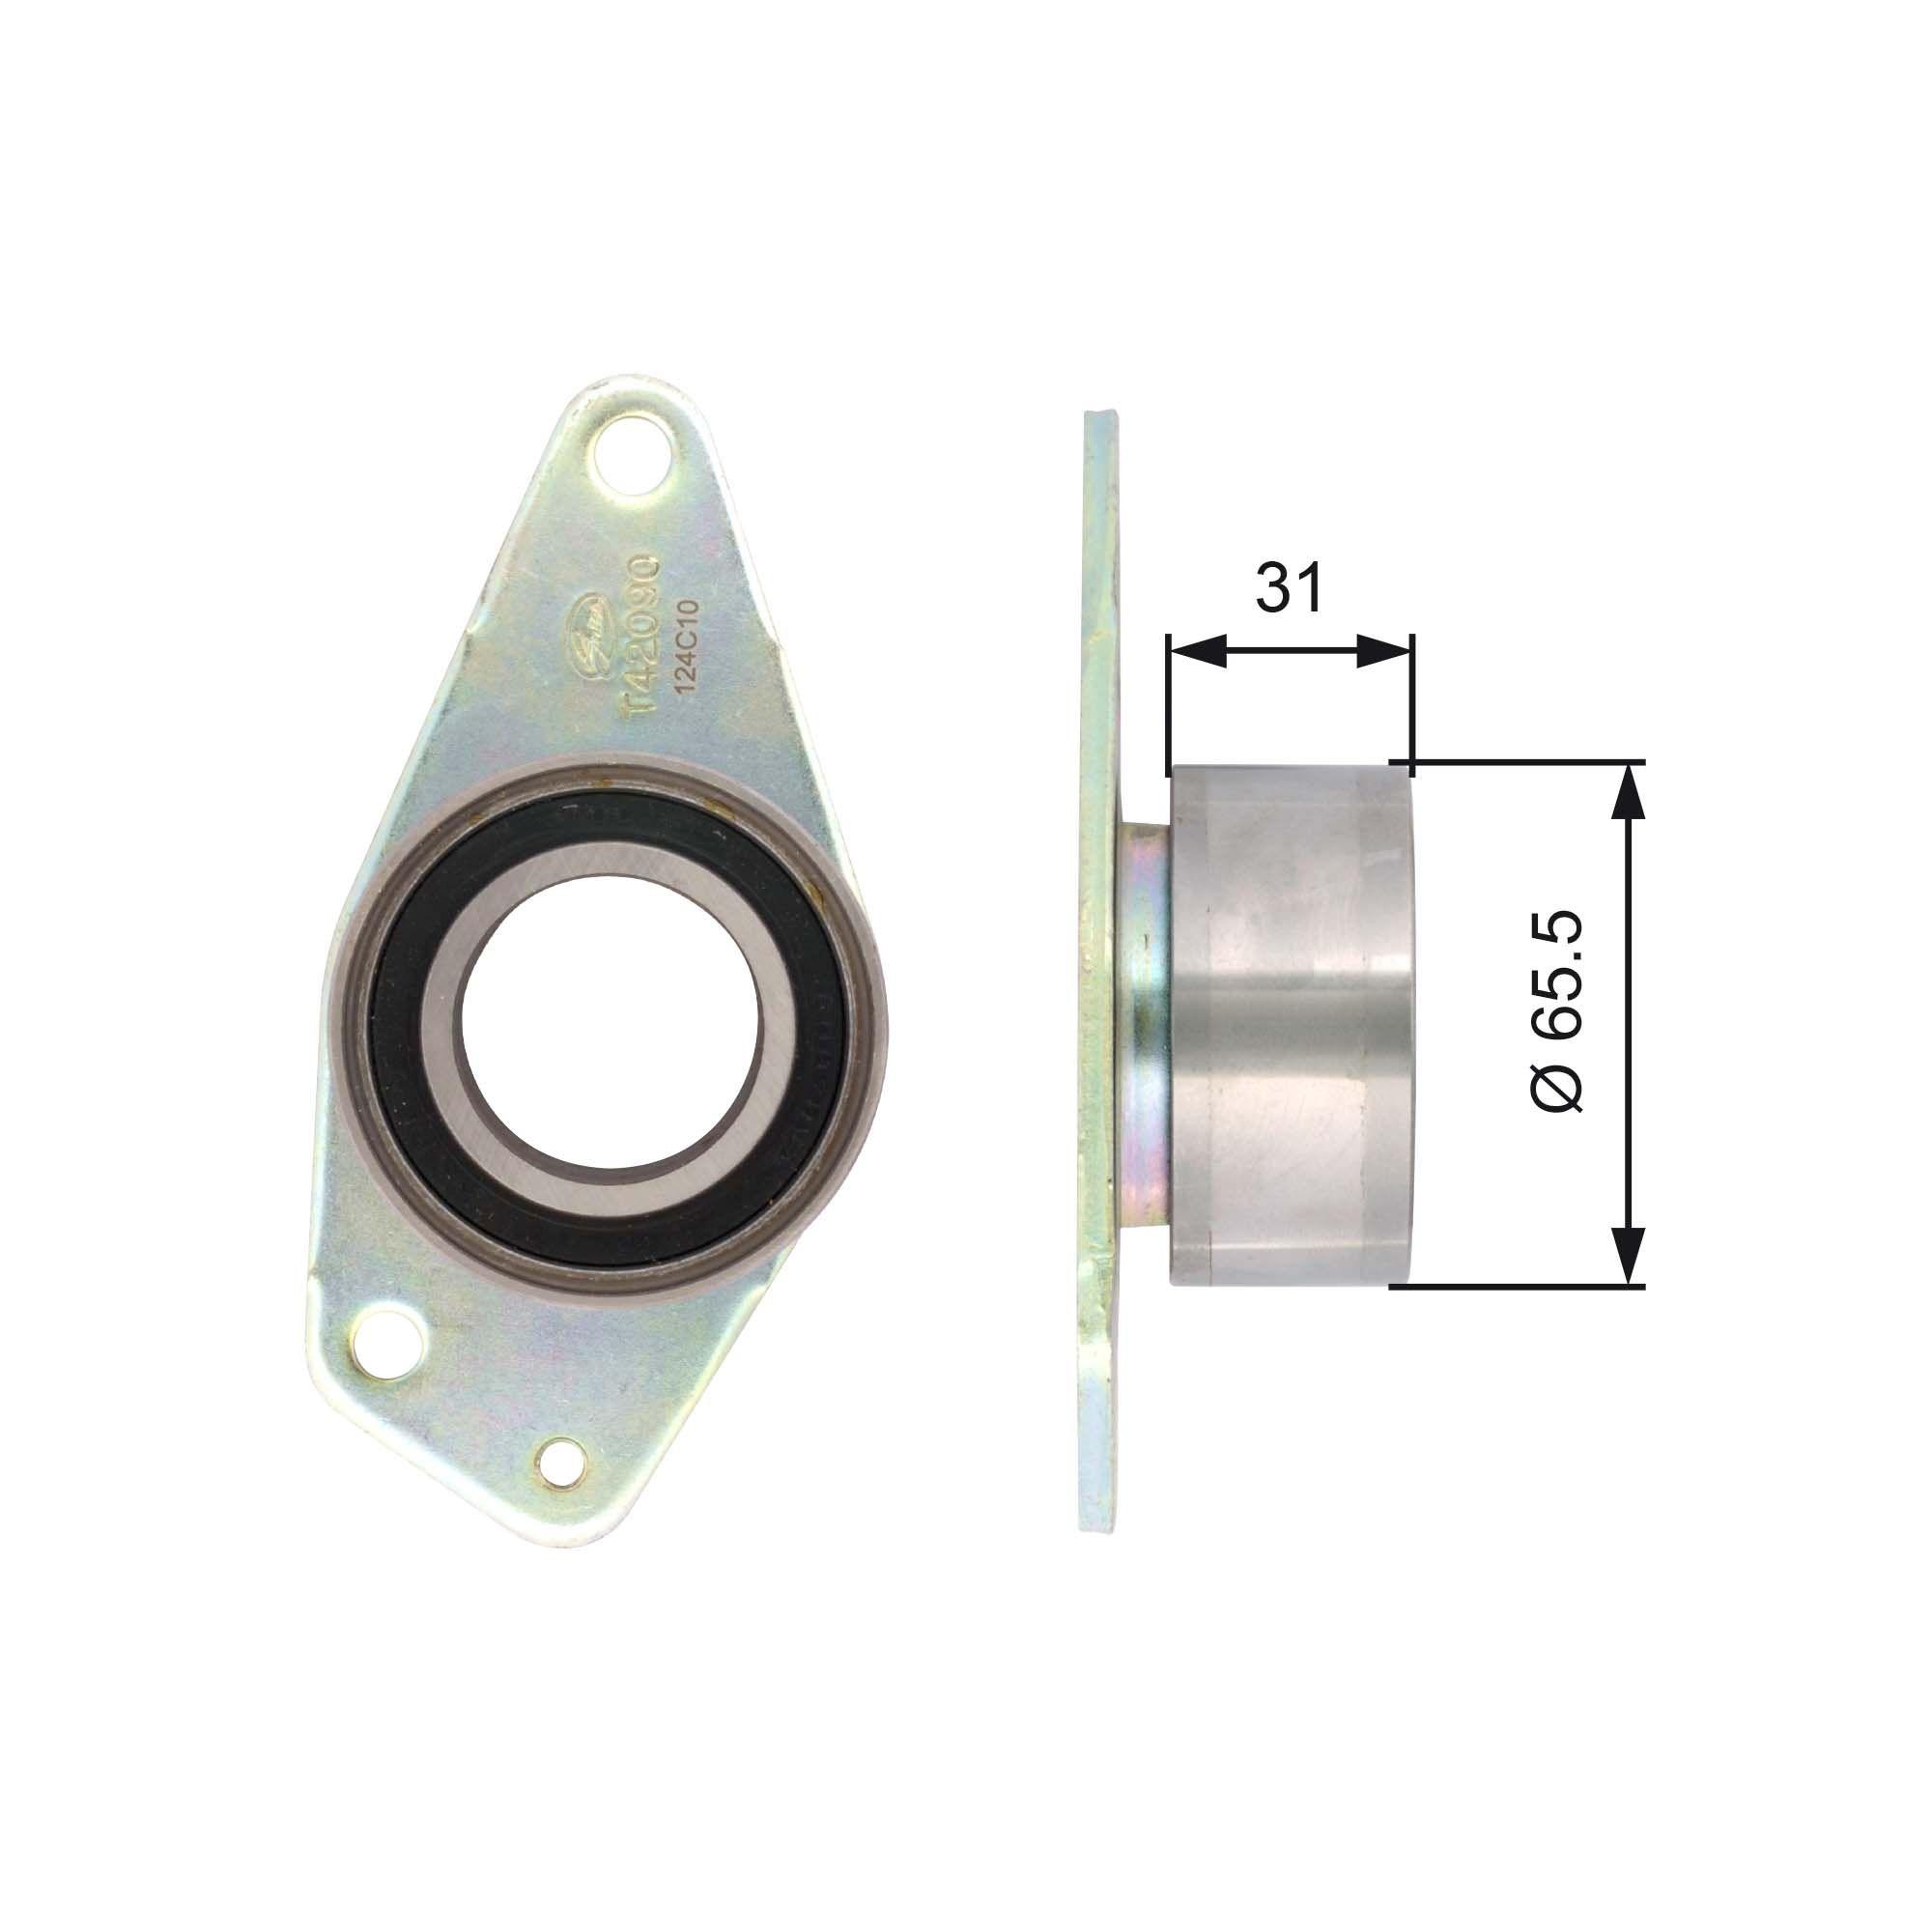 GATES FleetRunner™ Micro-V® Stretch Fit® T42090 Umlenkrolle Zahnriemen